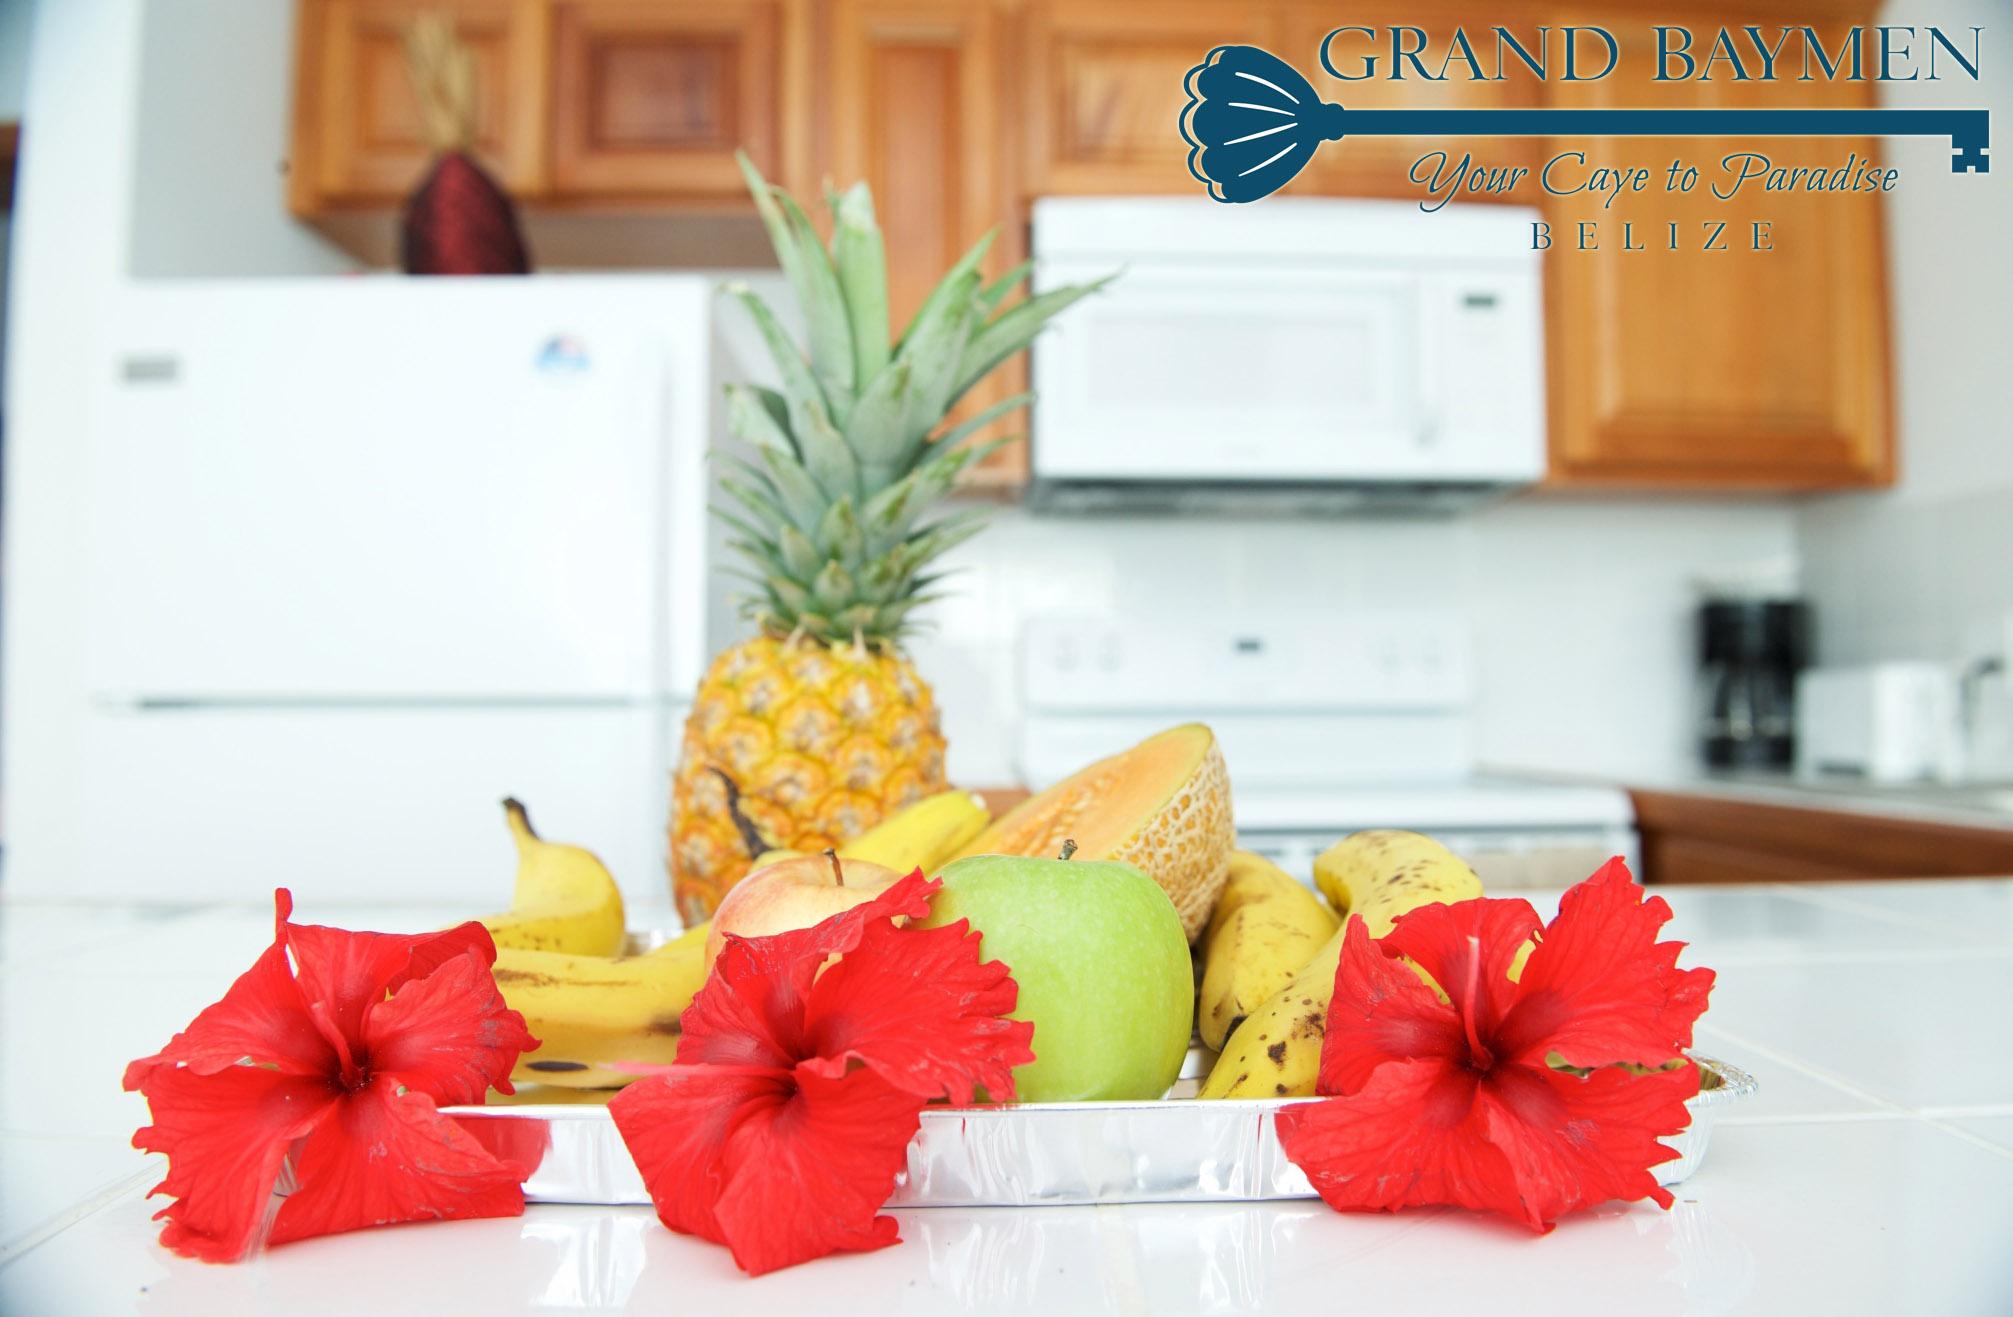 Grand_Baymen_Gardens-_kitchen_countertop.jpg